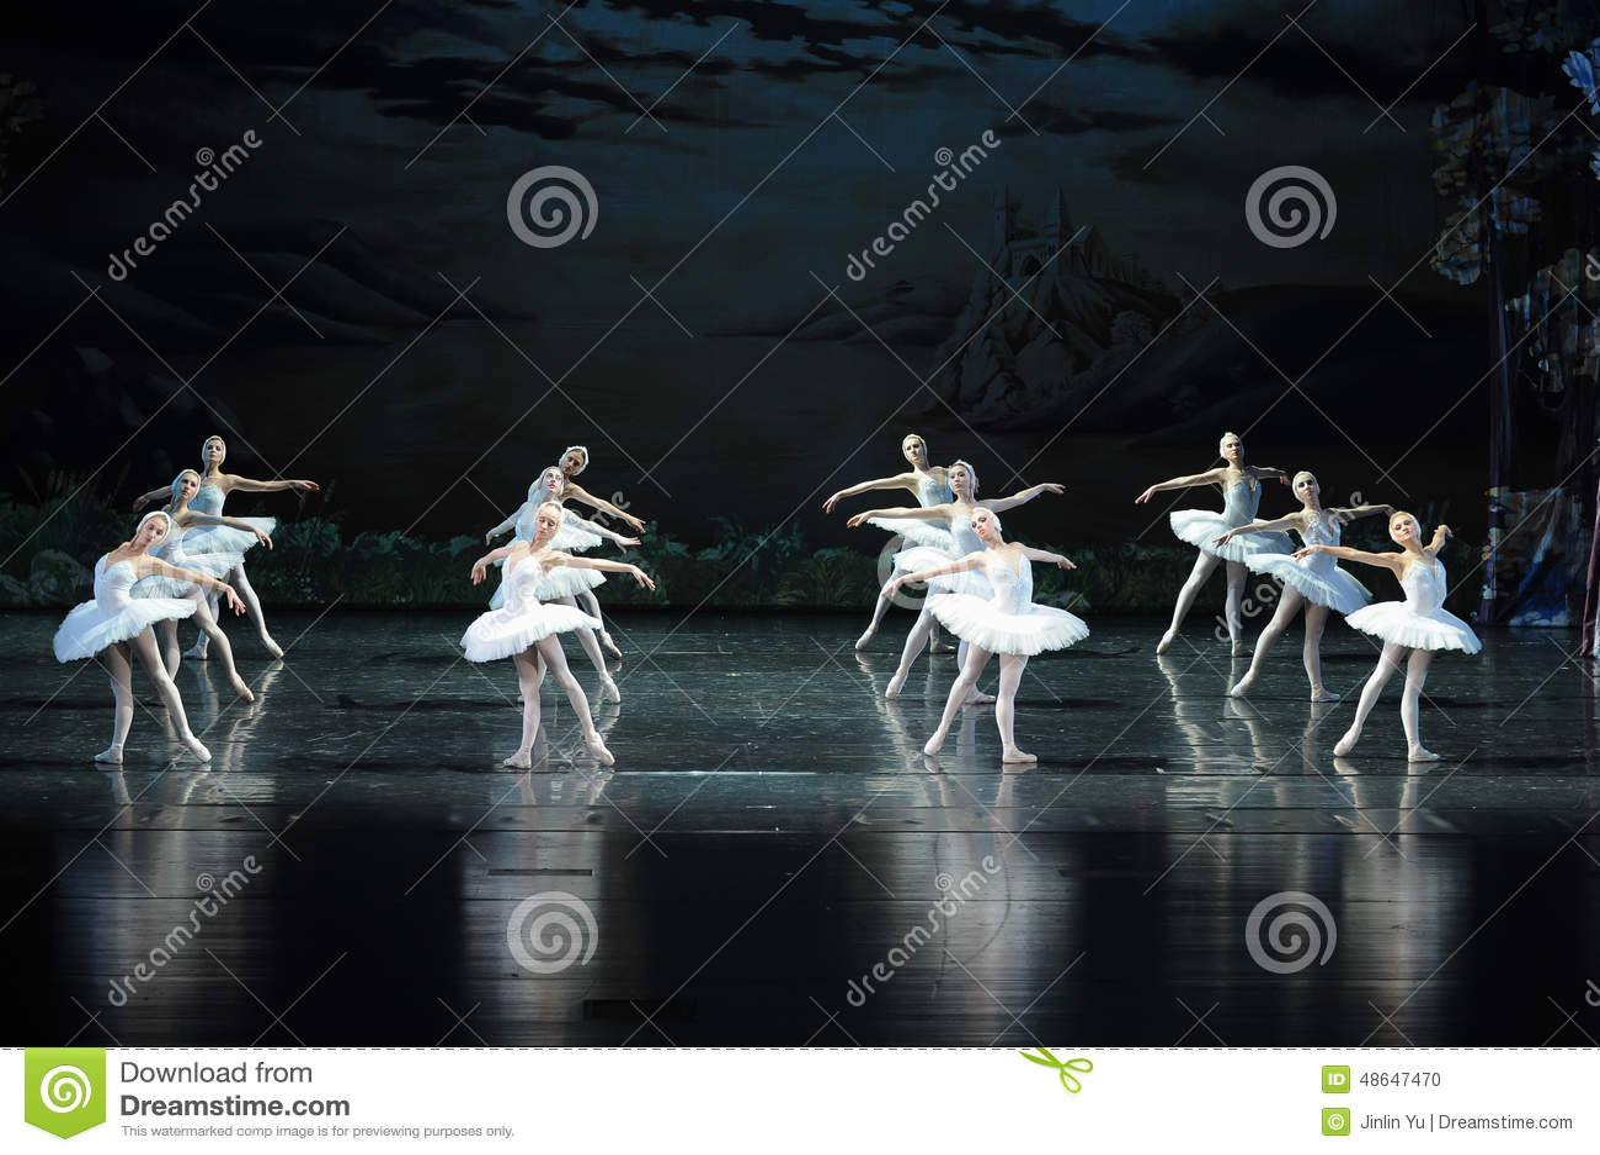 Den rumsrena svanlag-balett svan sjön